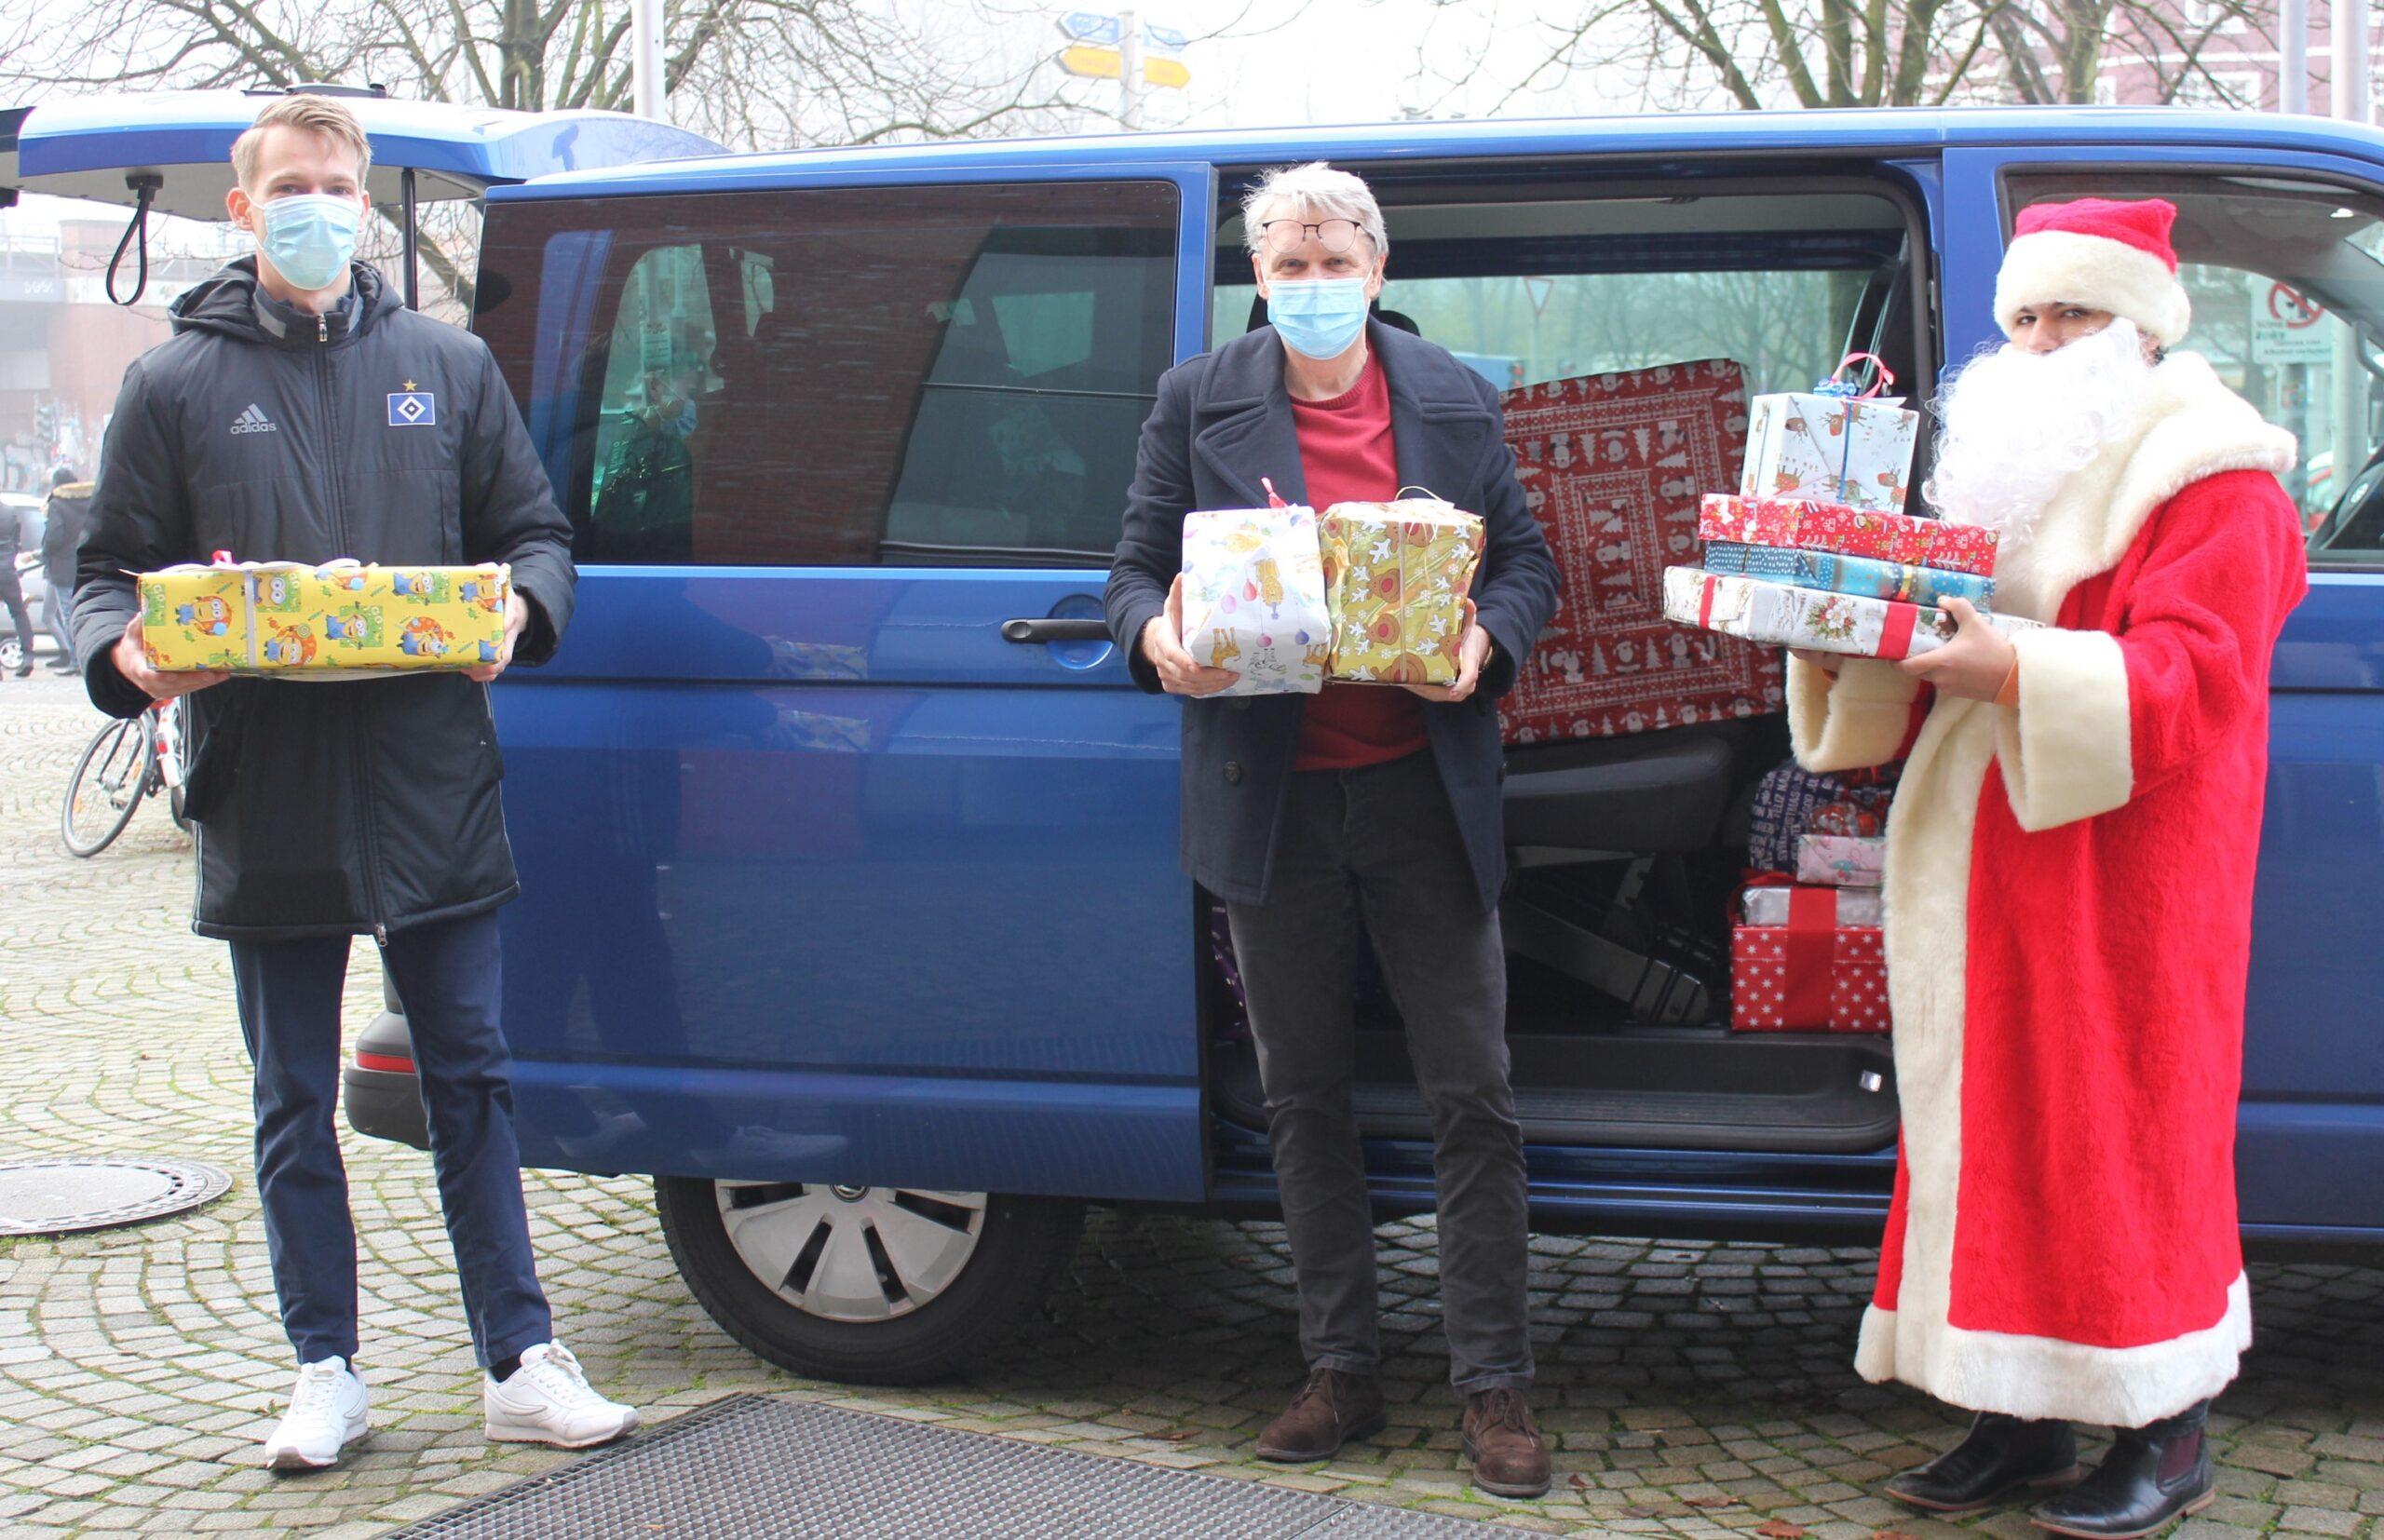 Zwei Männer und ein Weihnachtsmann mit Geschenken